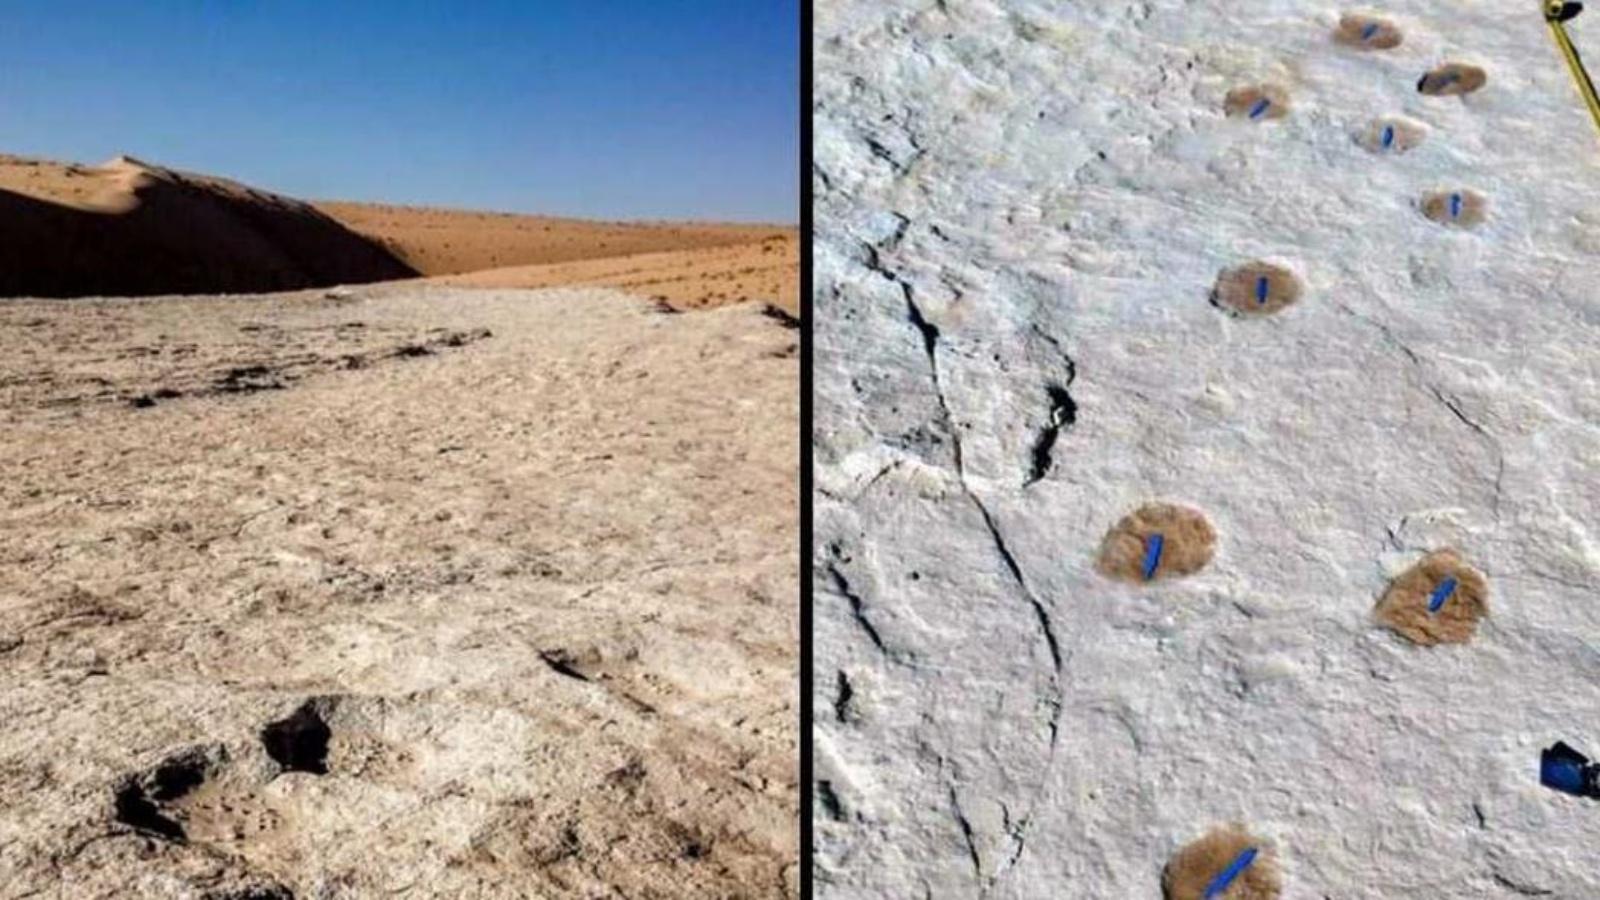 السعودية نيوز |  السعودية: اكتشاف أثري لبشر وحيوانات يعود لـ 120ألف سنة